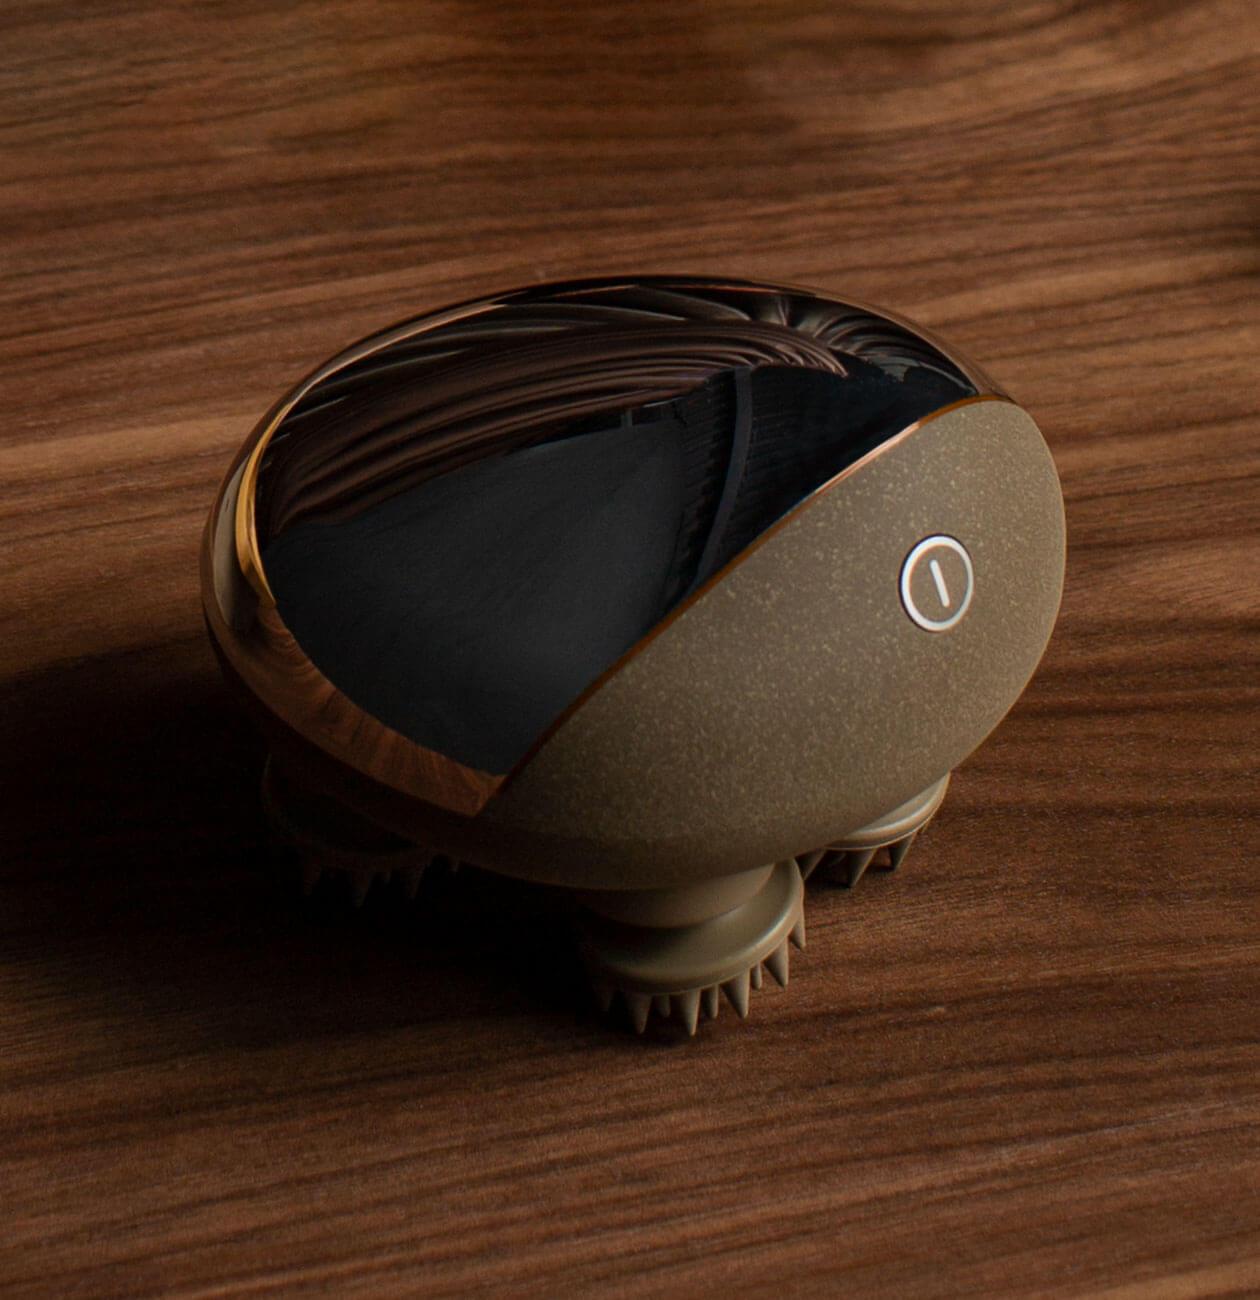 Массажер для головы борк вакуумный аппарат для чистки лица отзывы xiaomi